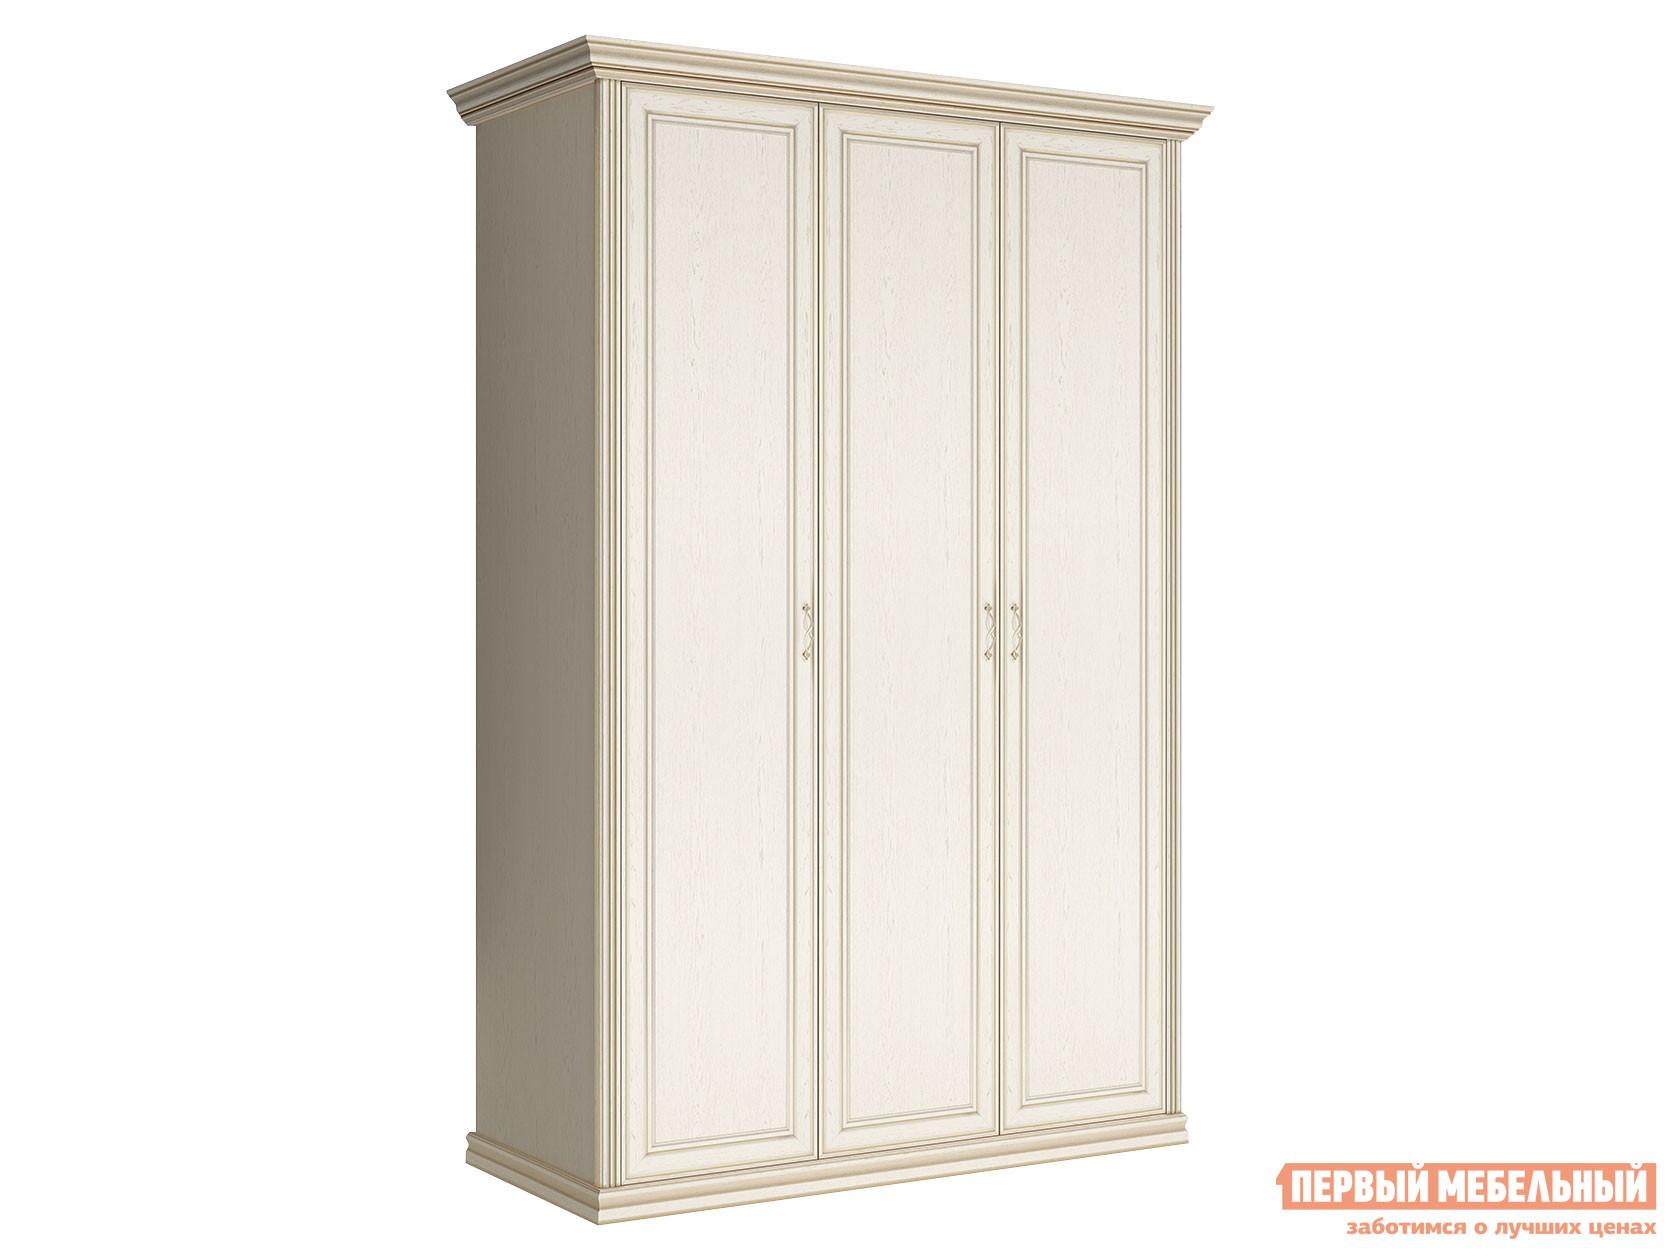 Распашной шкаф Первый Мебельный Шкаф 3-х дверный глухой Венето недорого